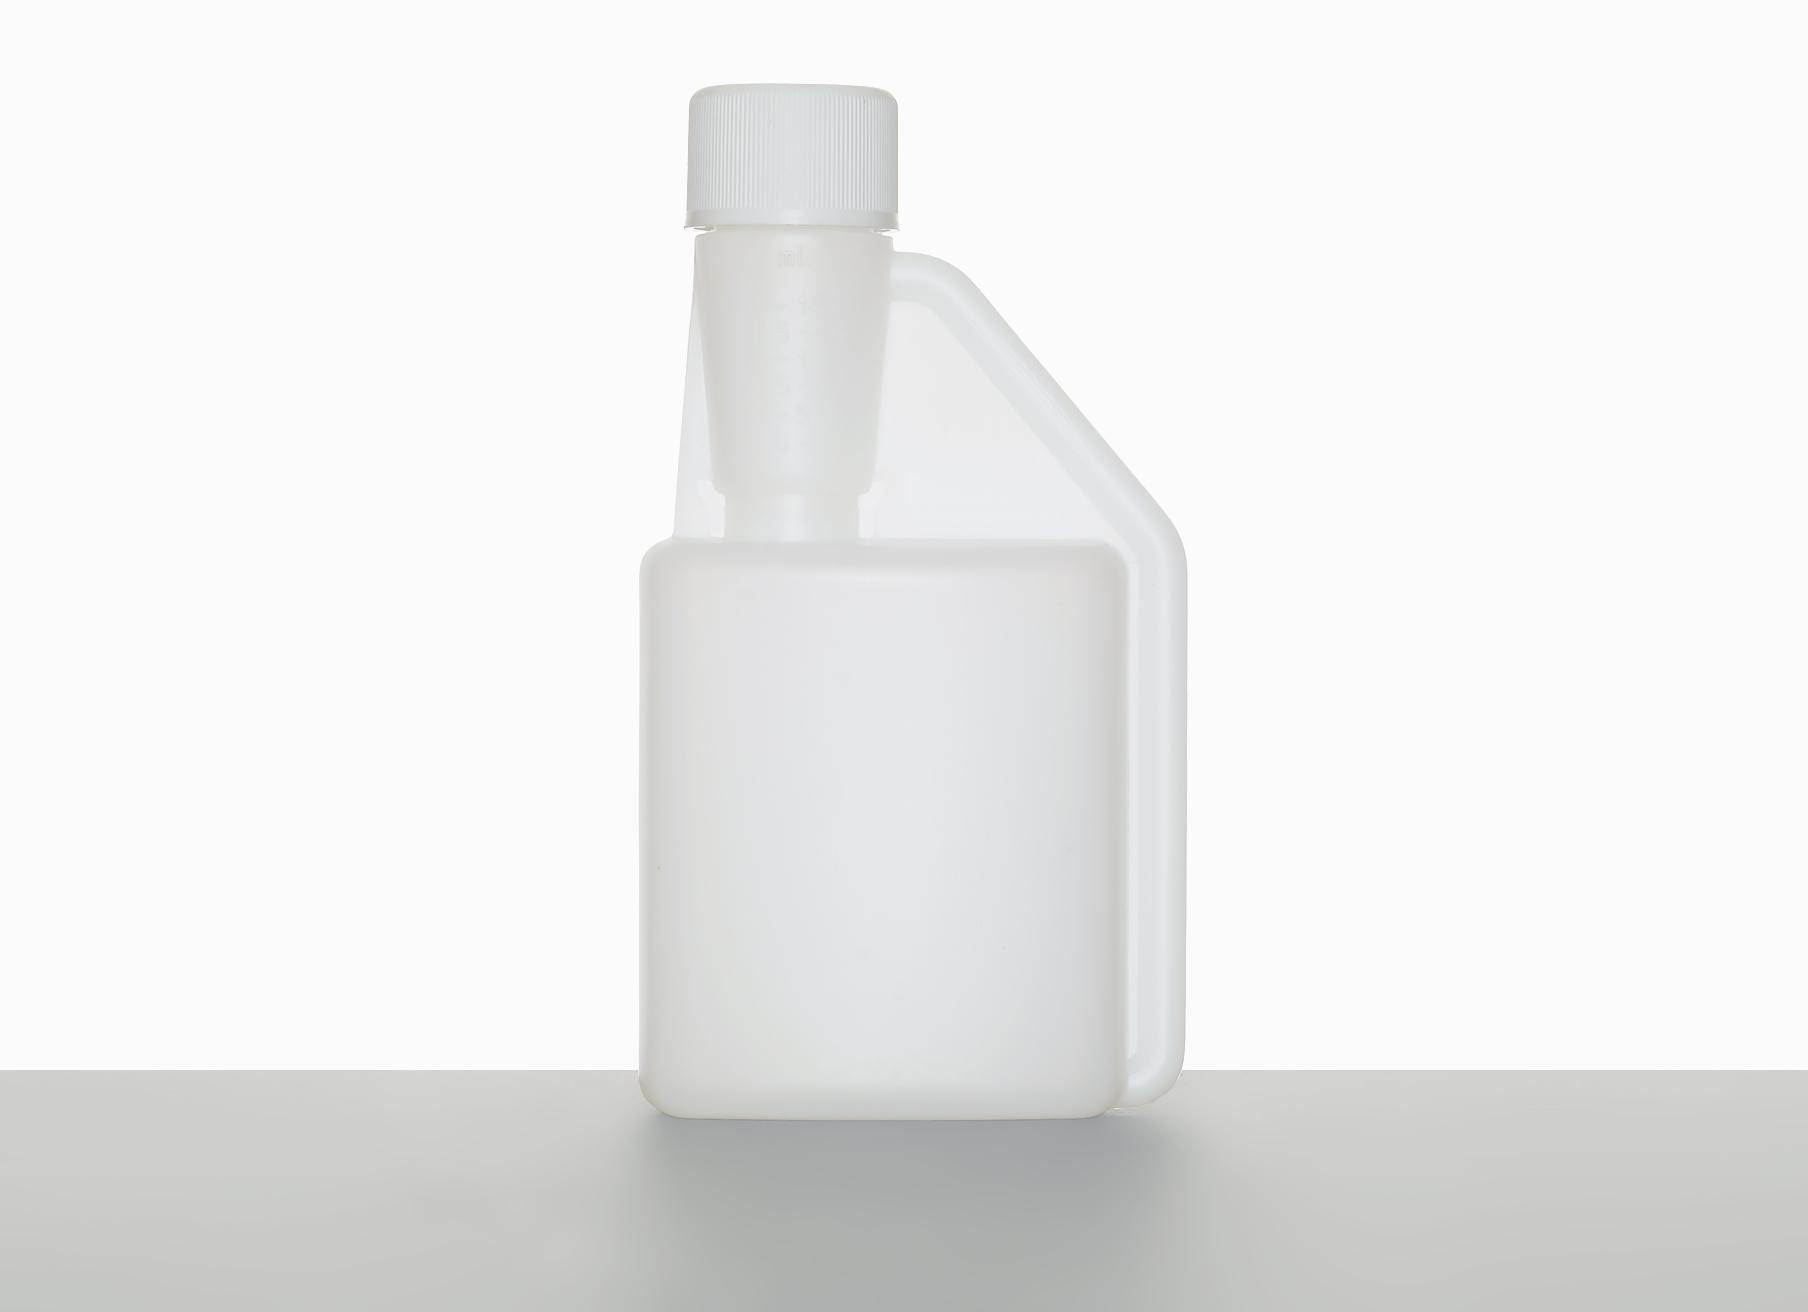 wei blech trichterflasche 250 ml aus wei blech in blank. Black Bedroom Furniture Sets. Home Design Ideas